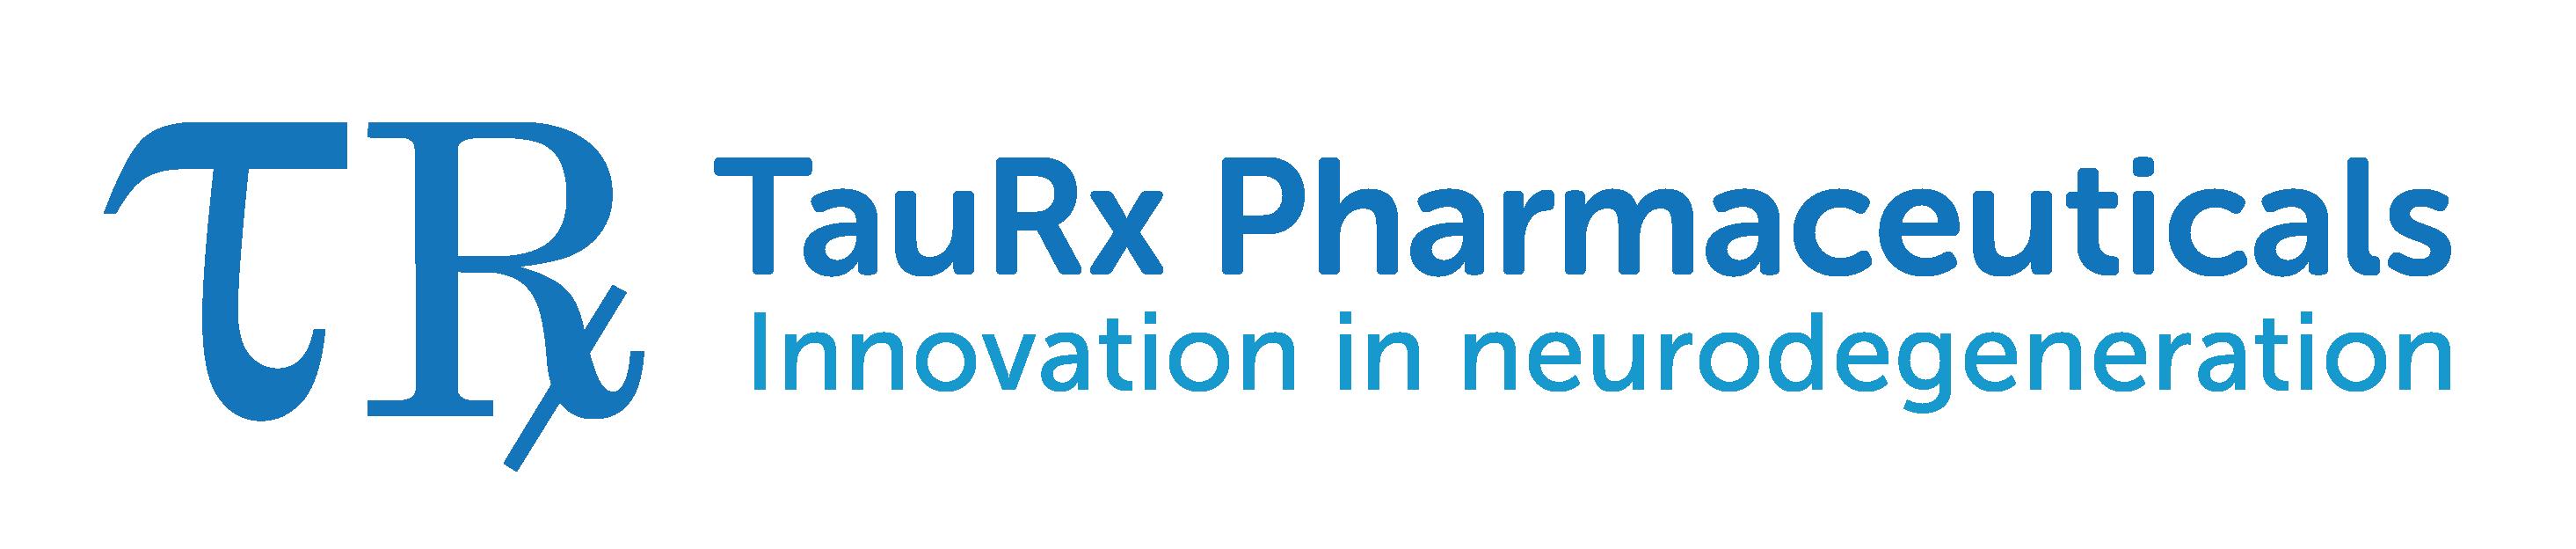 tr_logo_pharmaceuticals_transparent-2999-Lawrie-Michelle